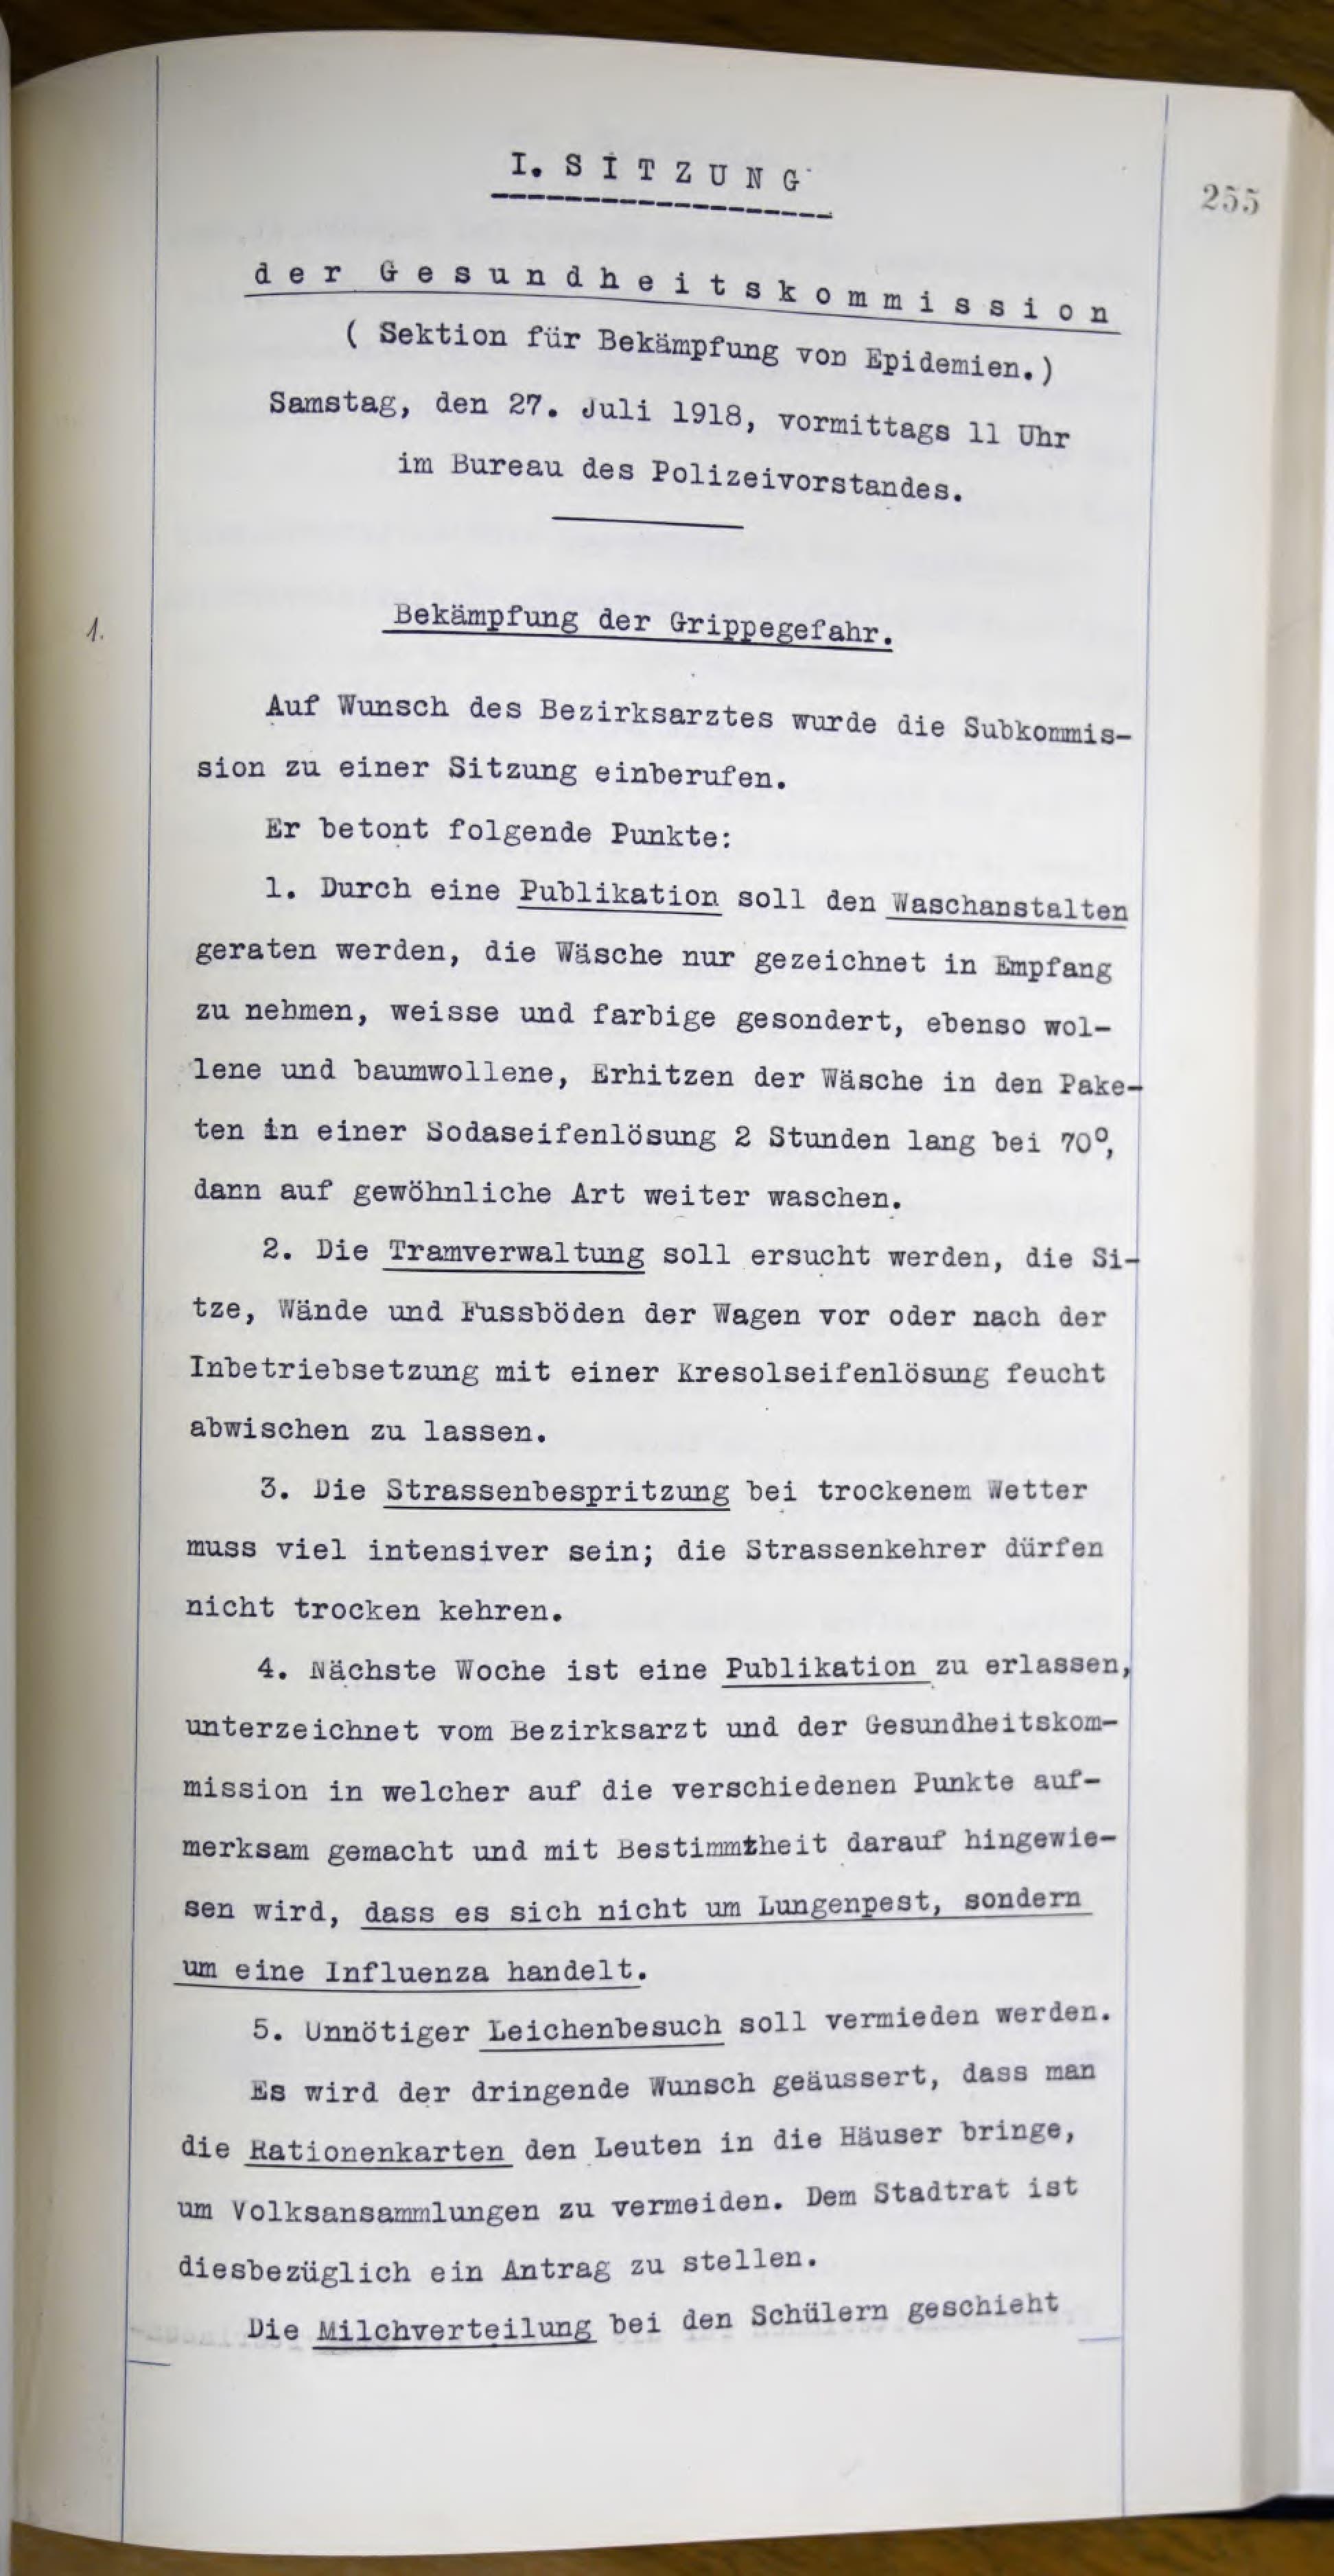 Wie soll die Spanische Grippe in St.Gallen bekämpft werden? 1918 trifft sich der Stadtrat, das Gesundheitsinspektorat, der Bezirksarzt und weitere Personen zu einer ersten «Krisensitzung».